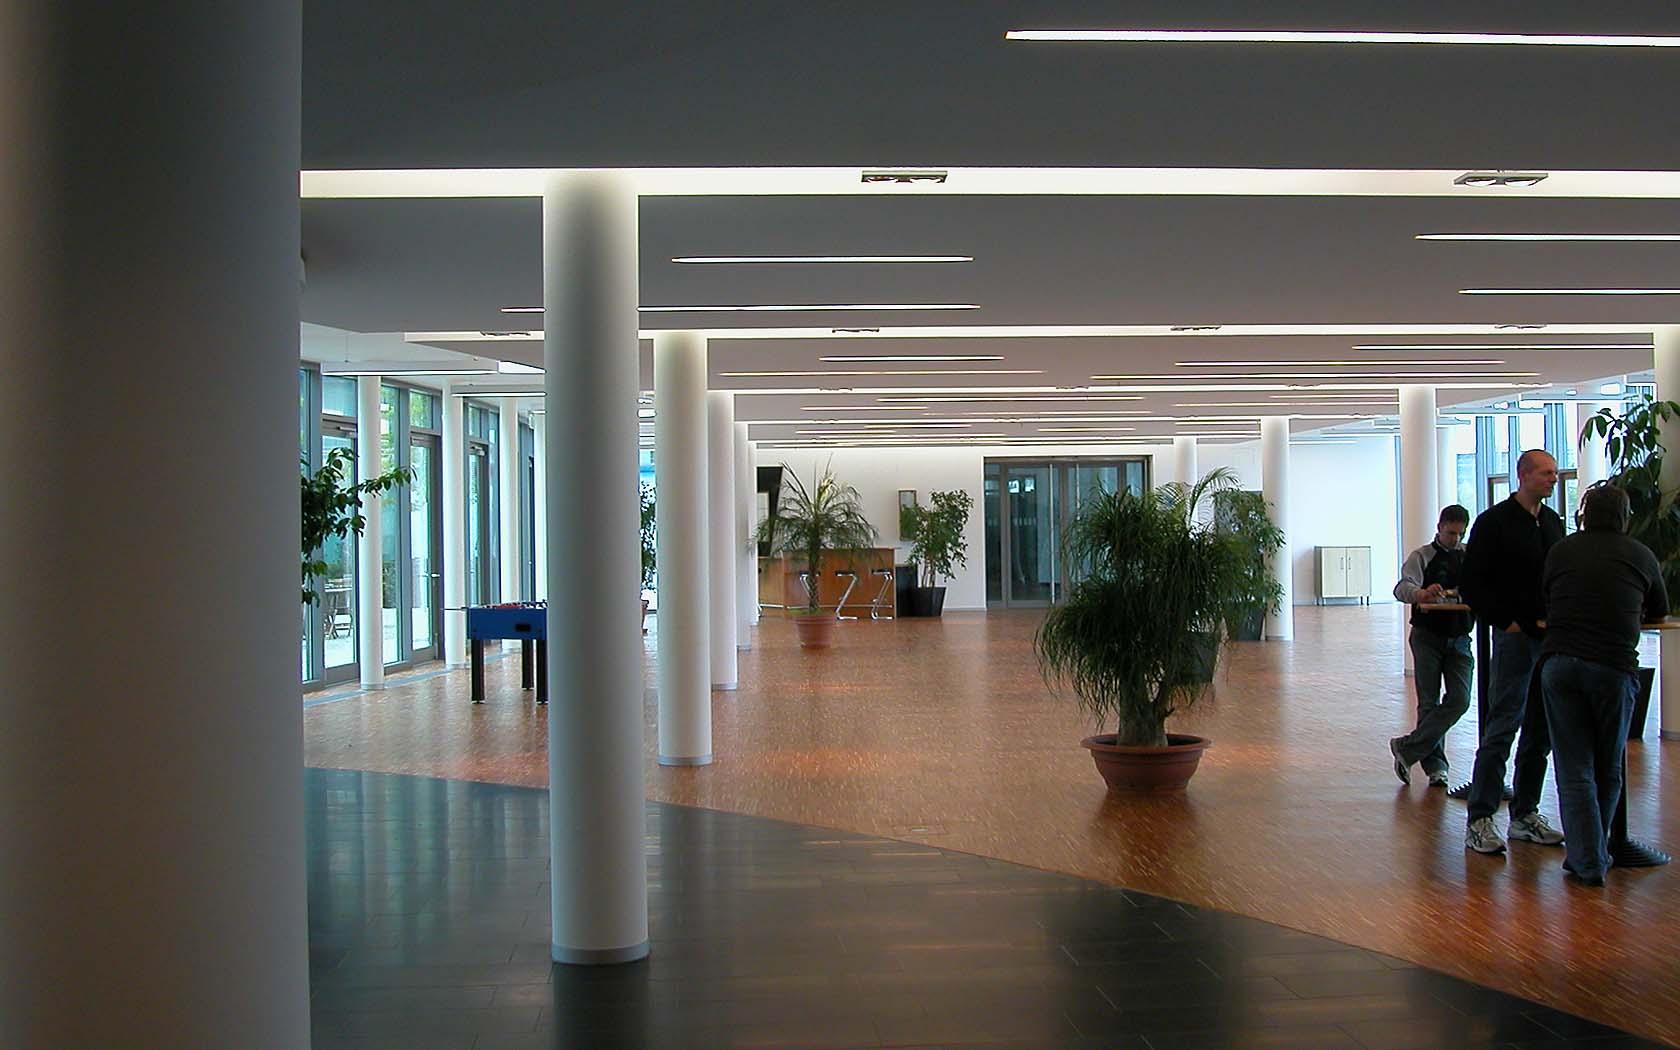 Messe Campus Riem 03